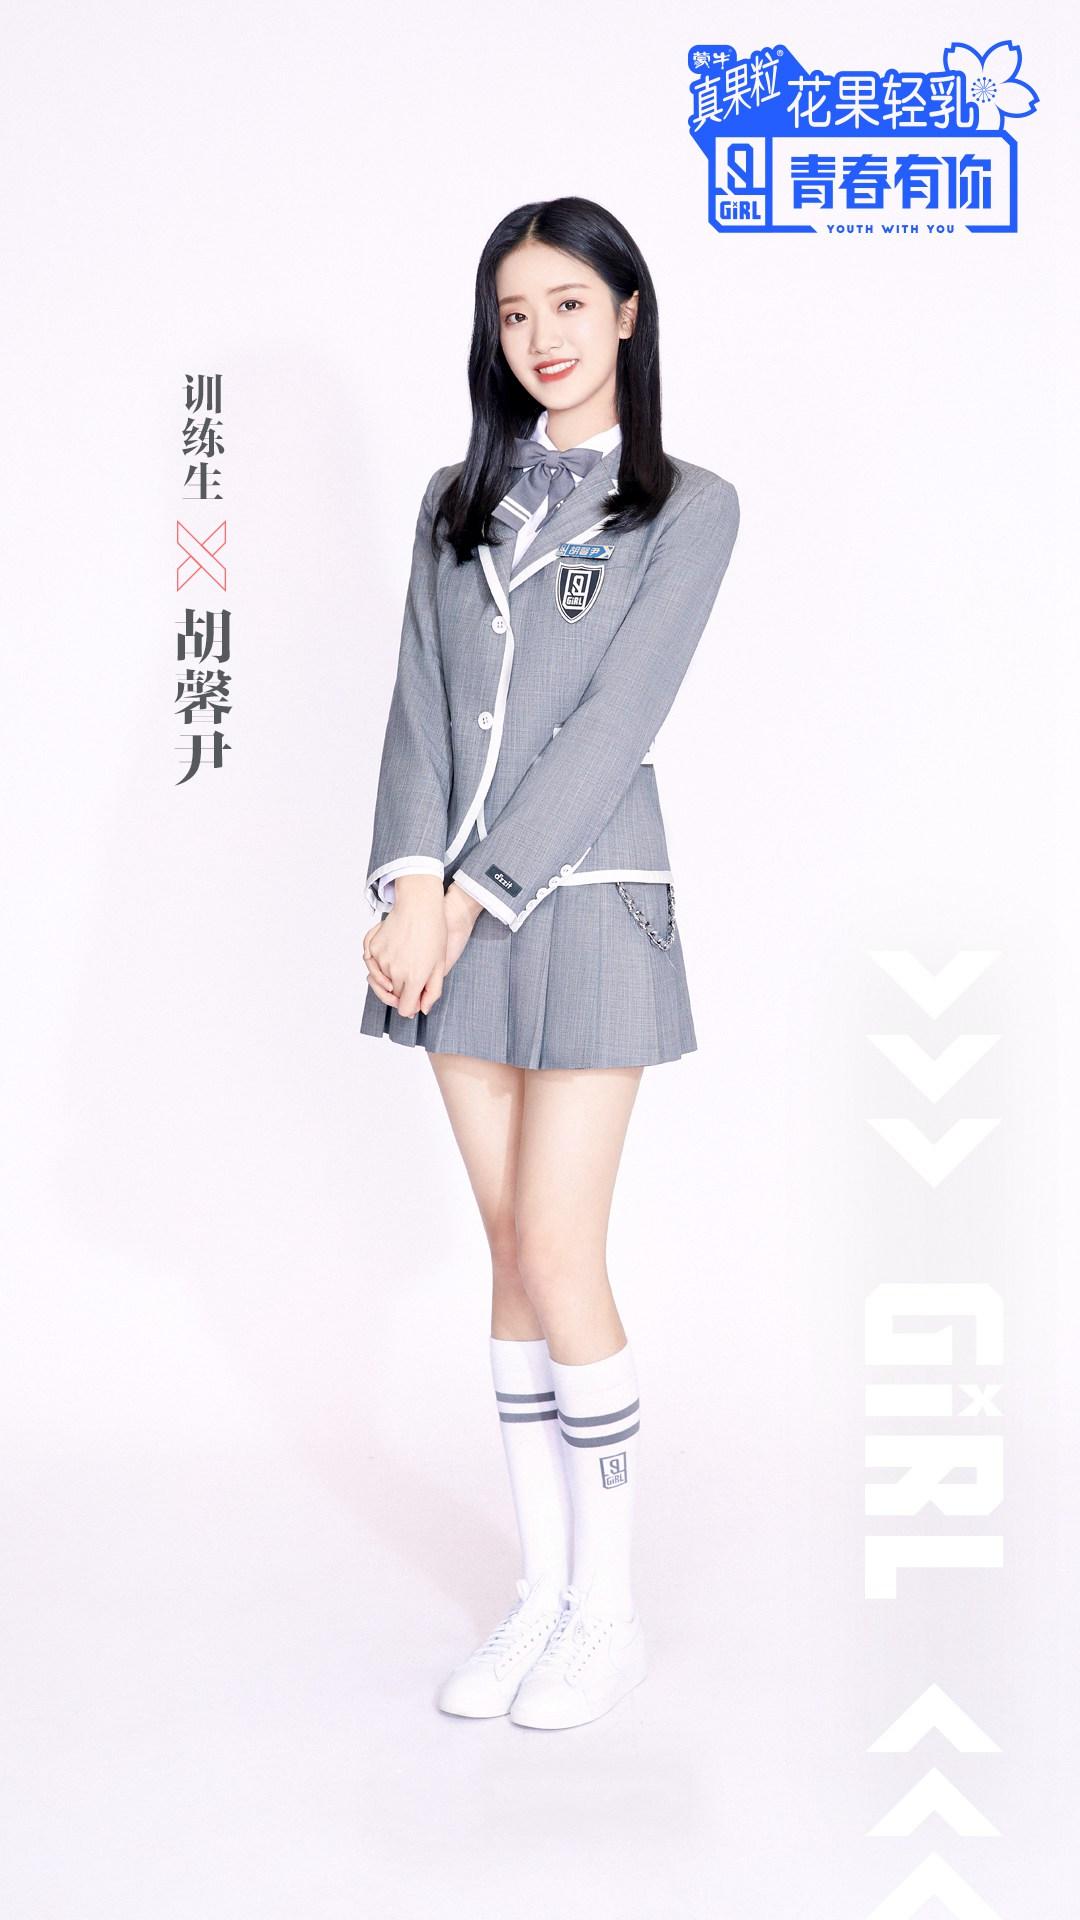 沈瑩胡馨尹亮相《青春有你2》 (1).jpg